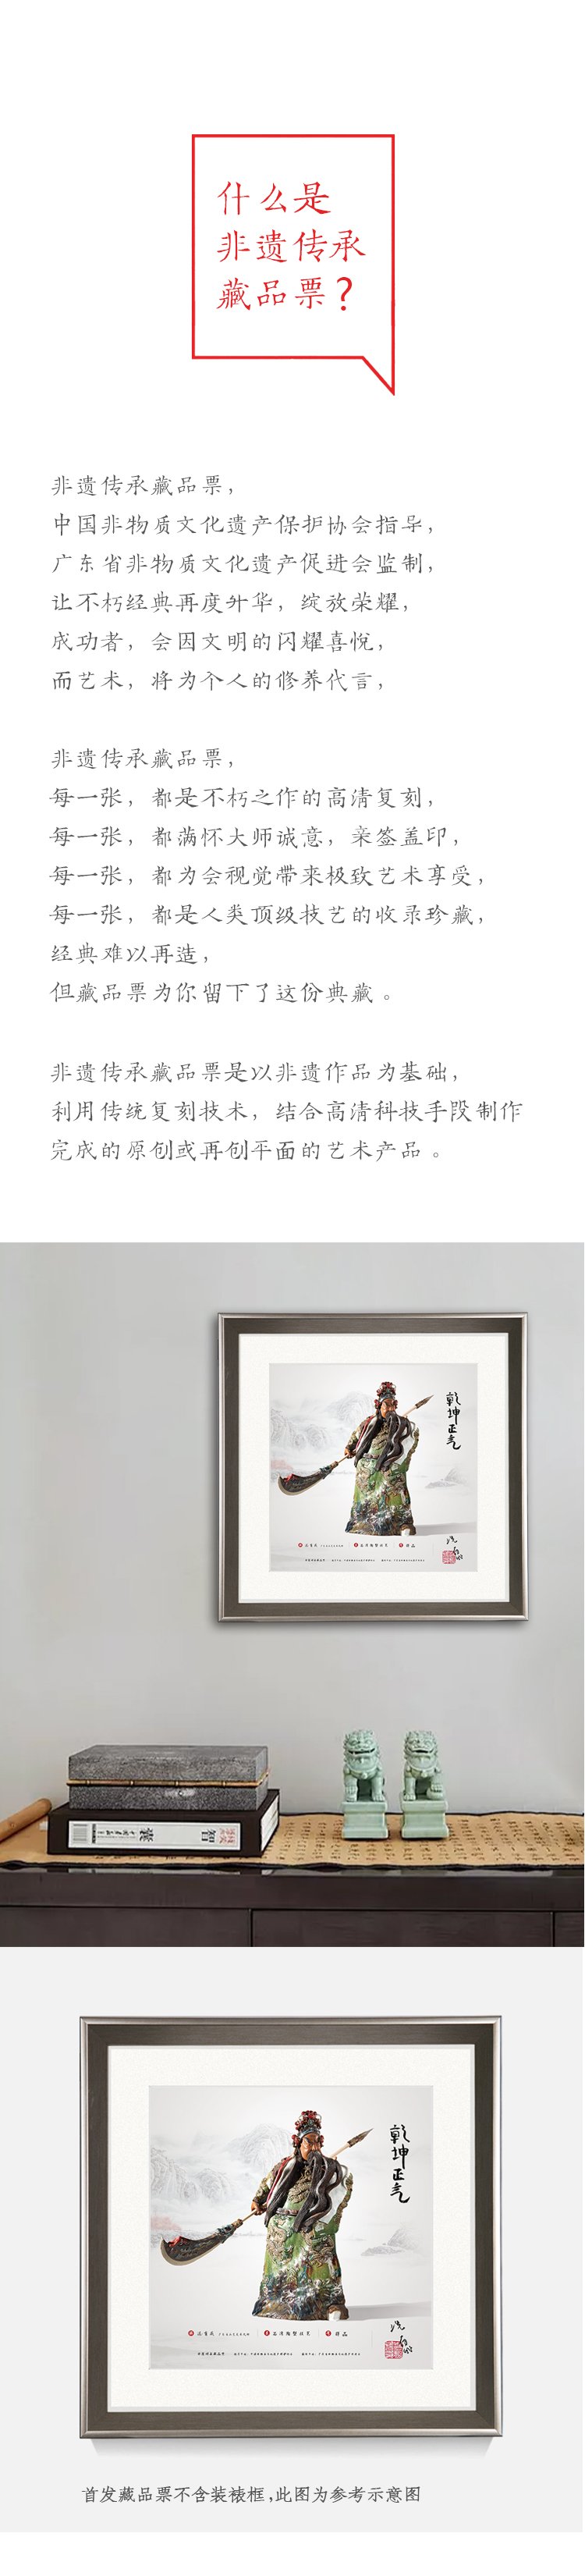 冼有成-乾坤正气_05.jpg